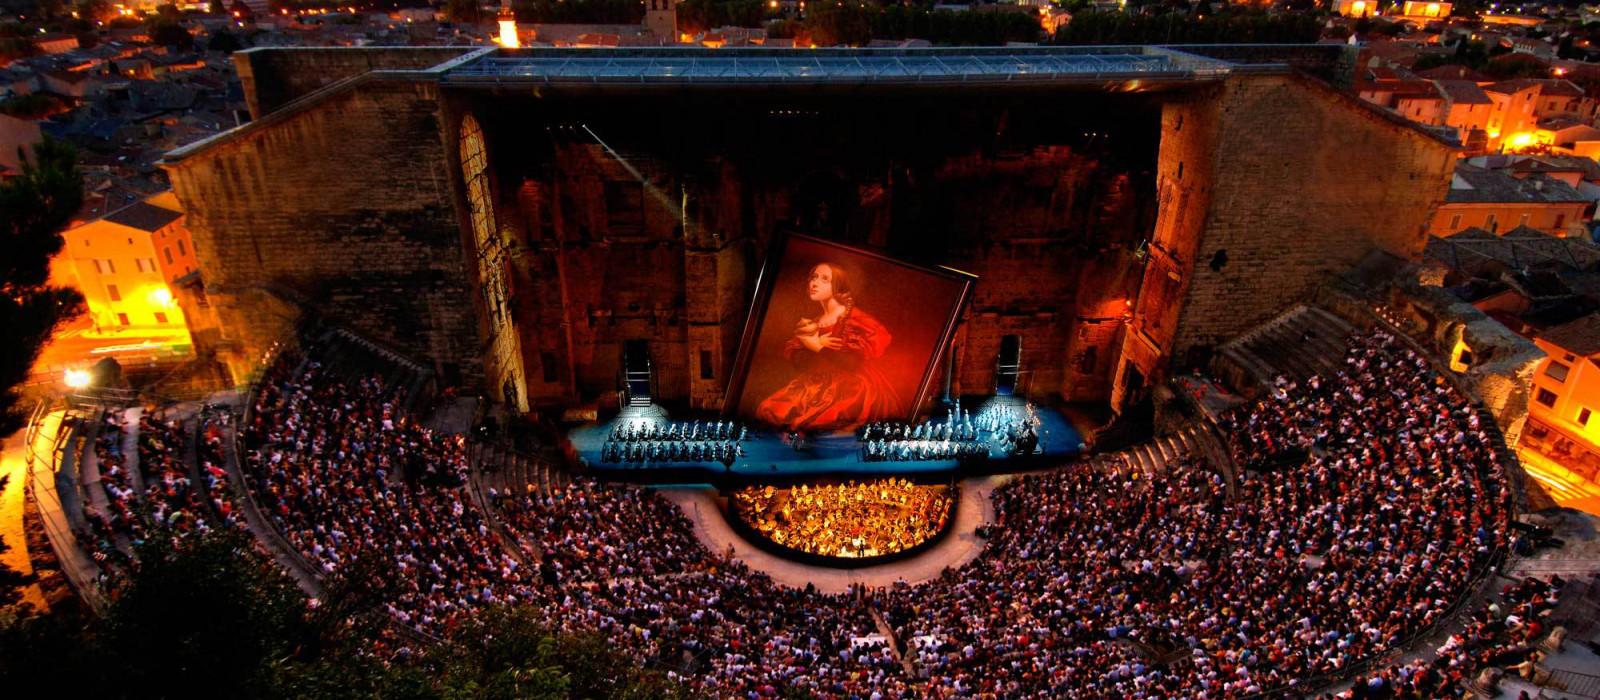 Des airs d'opéra en plein air